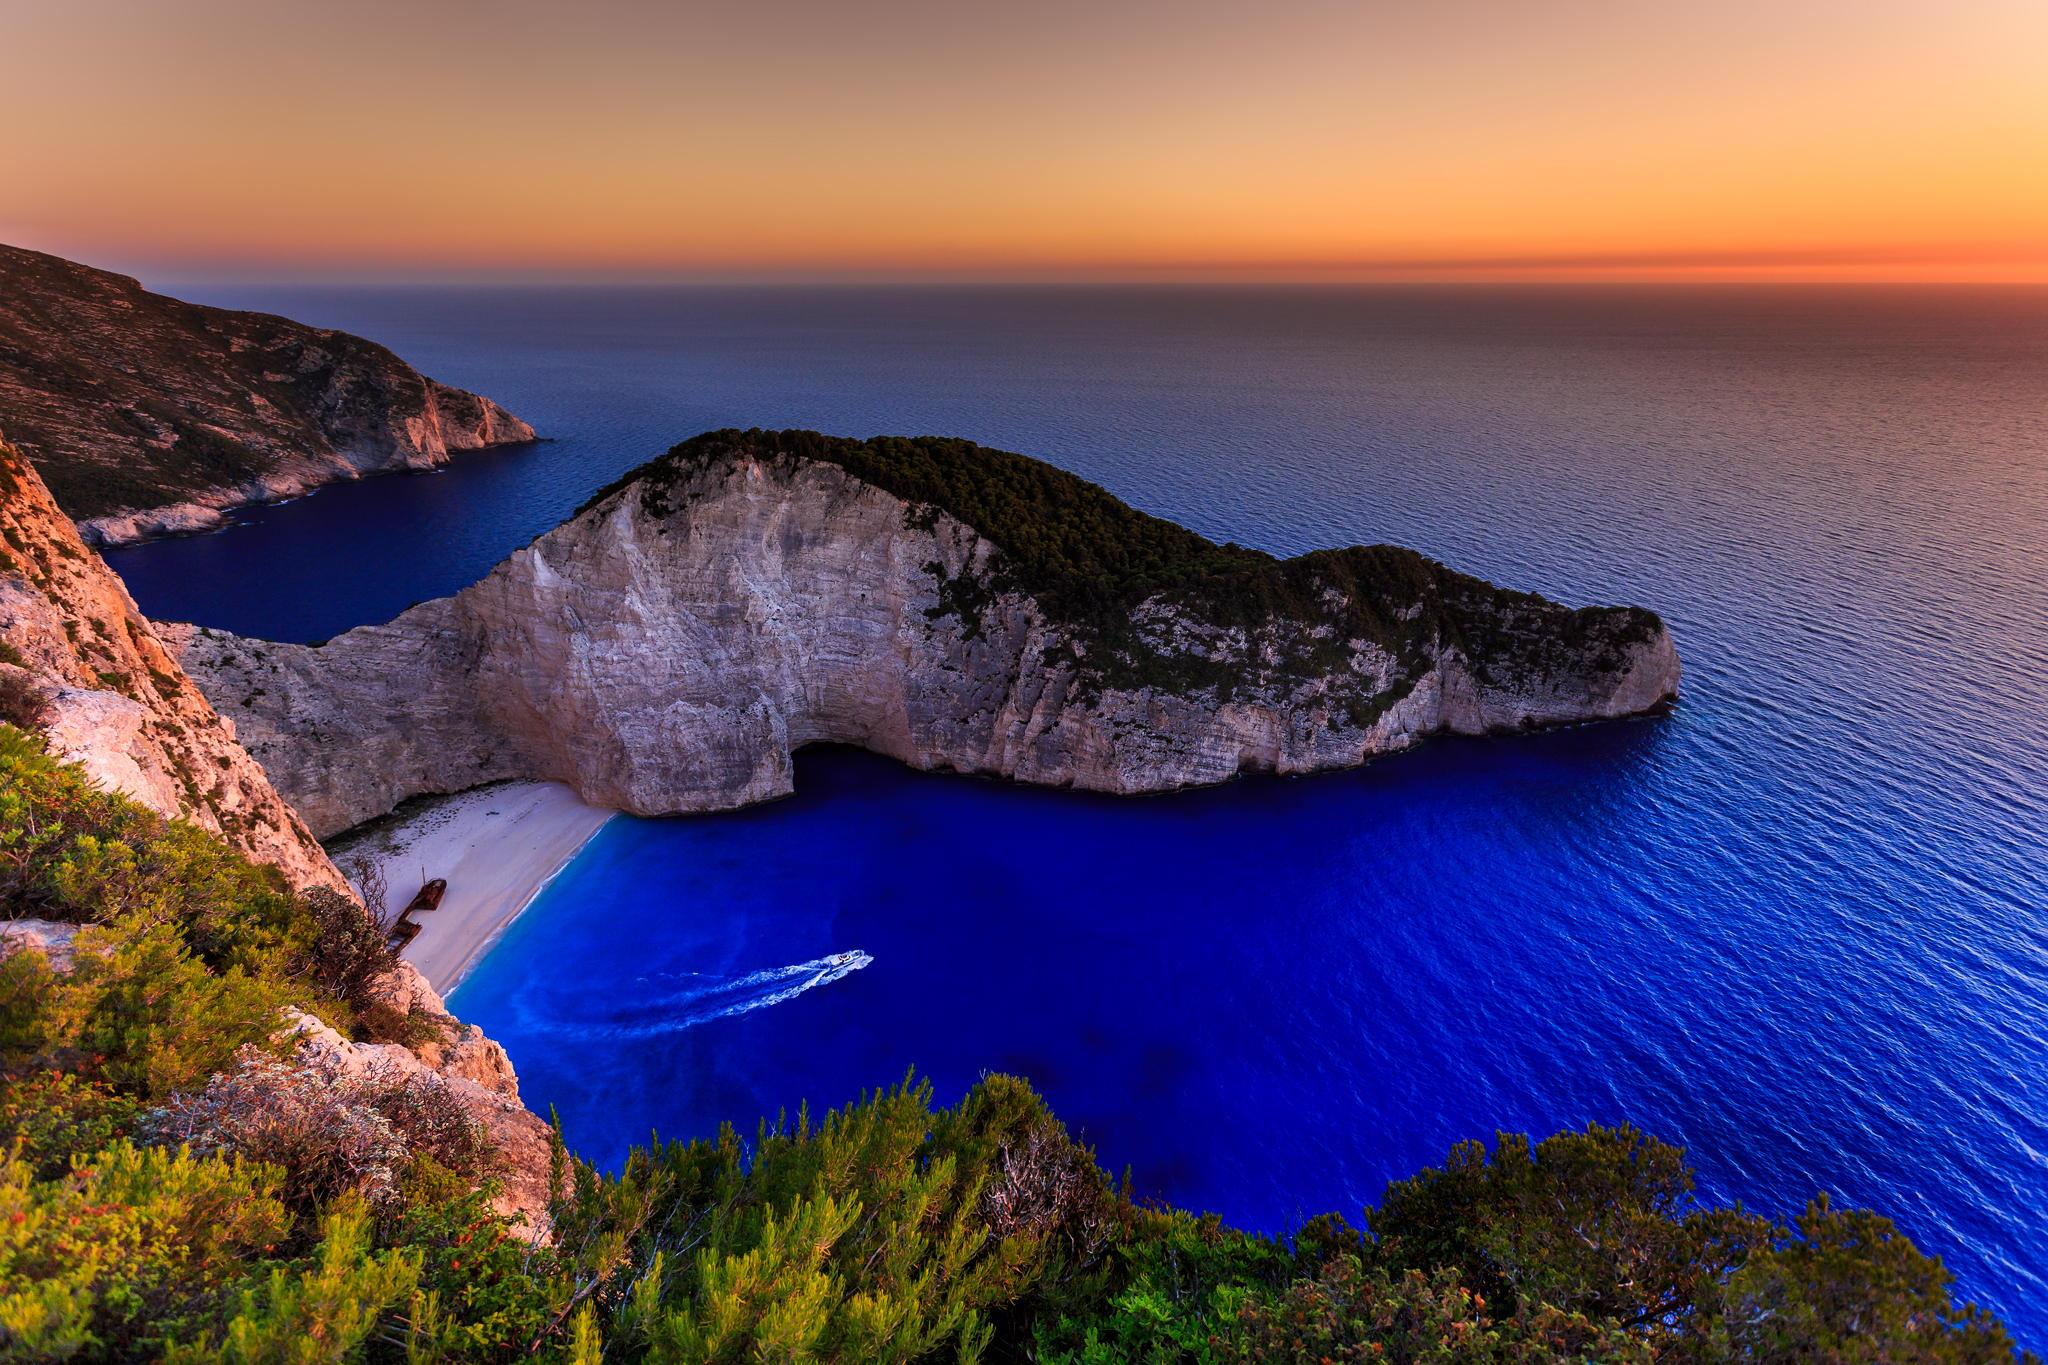 Обои для рабочего стола пляжи греции